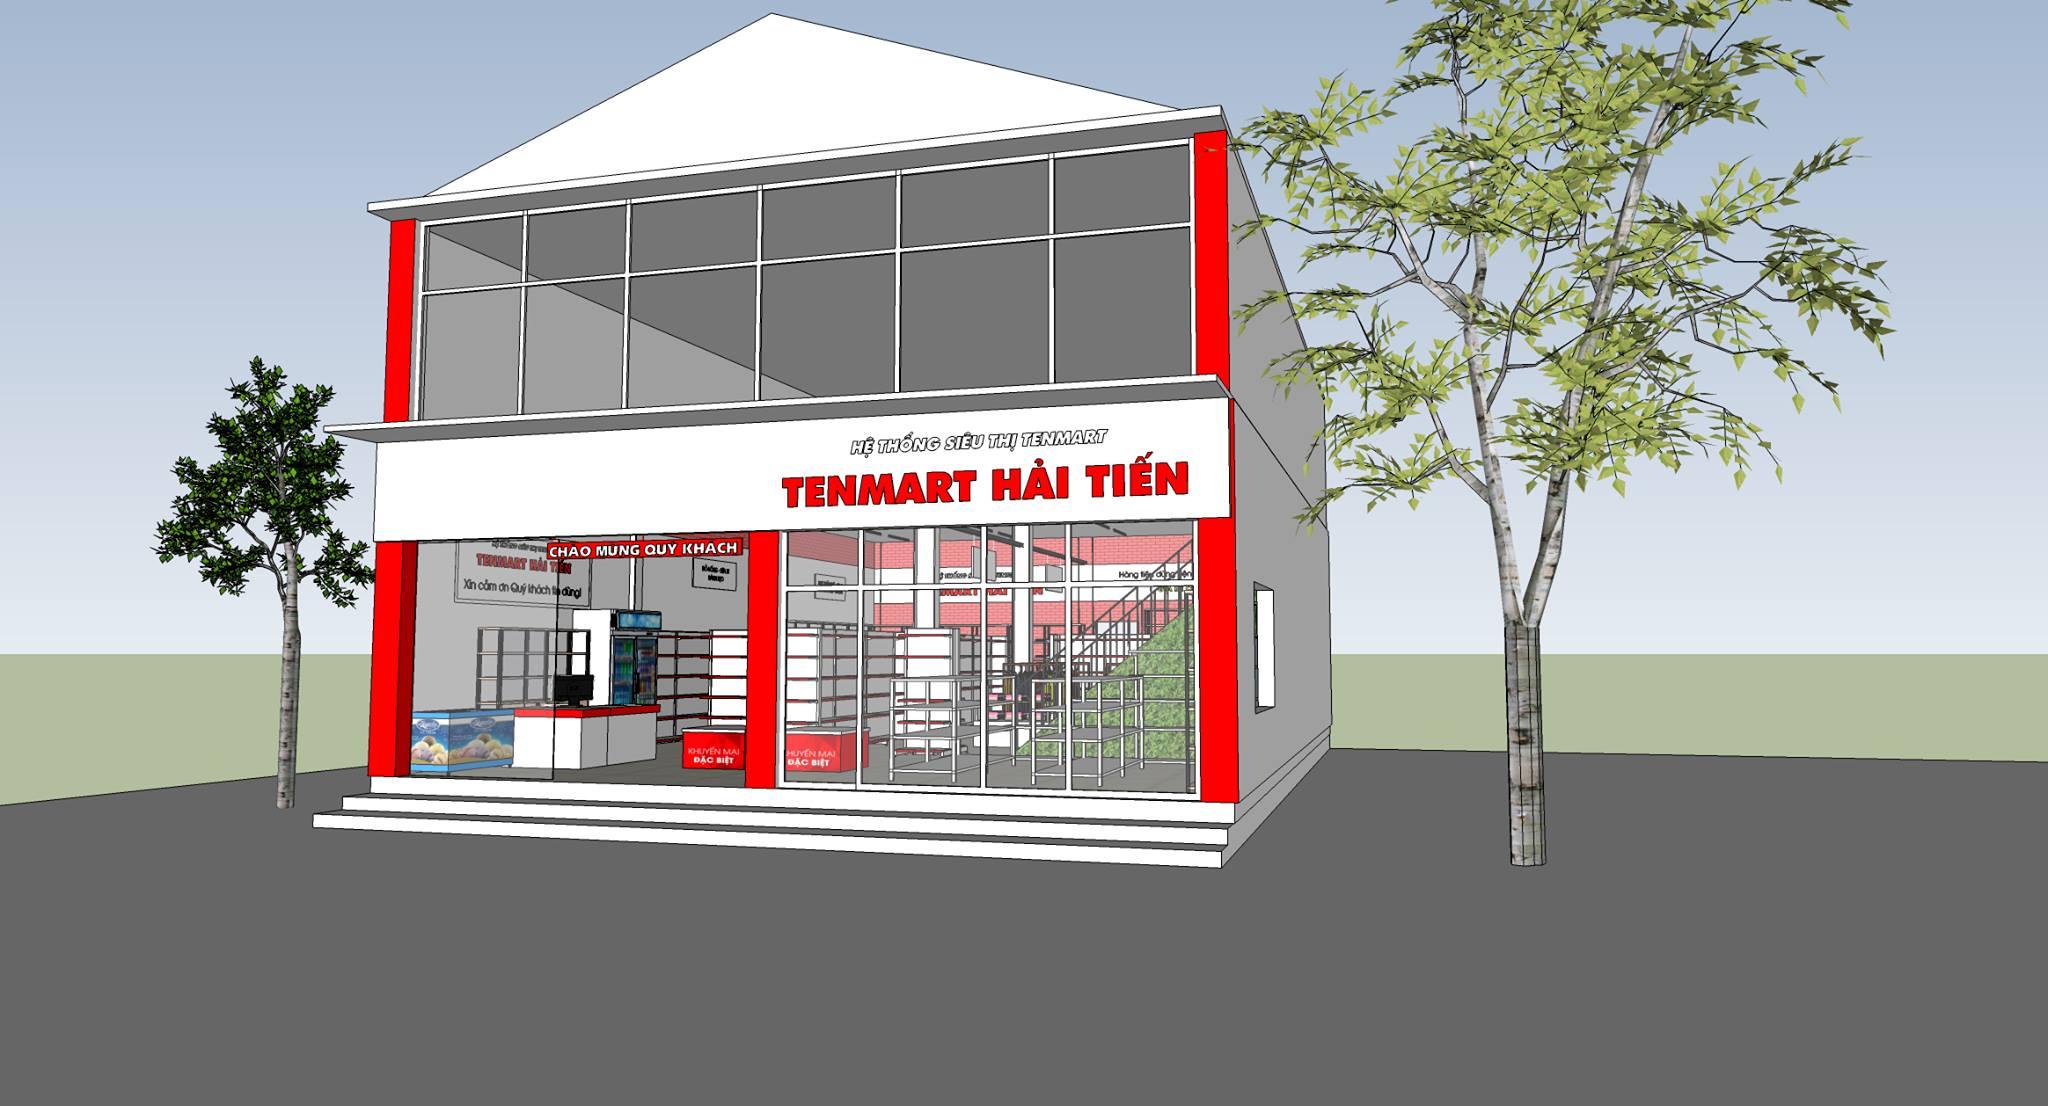 Thiết kế siêu thị mini Hải Tiến